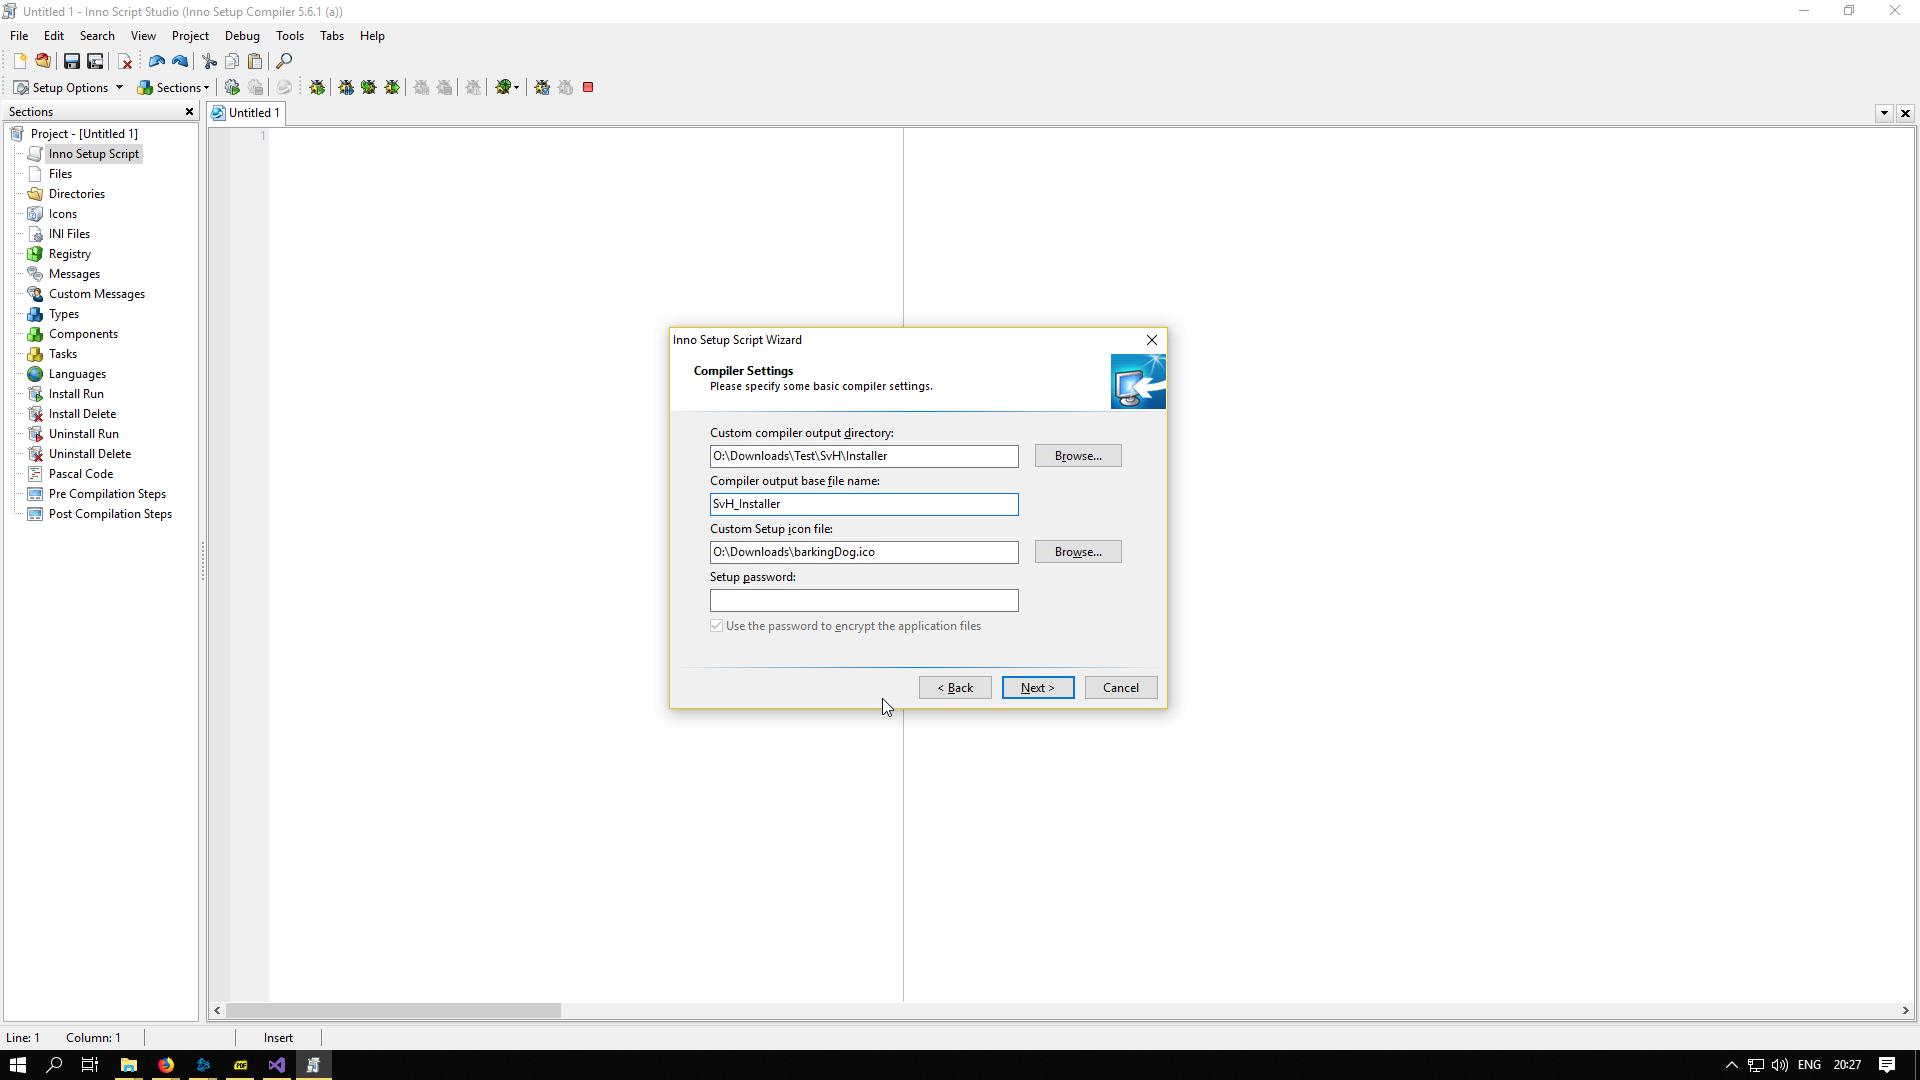 Inno Setup - Basic Windows Installer